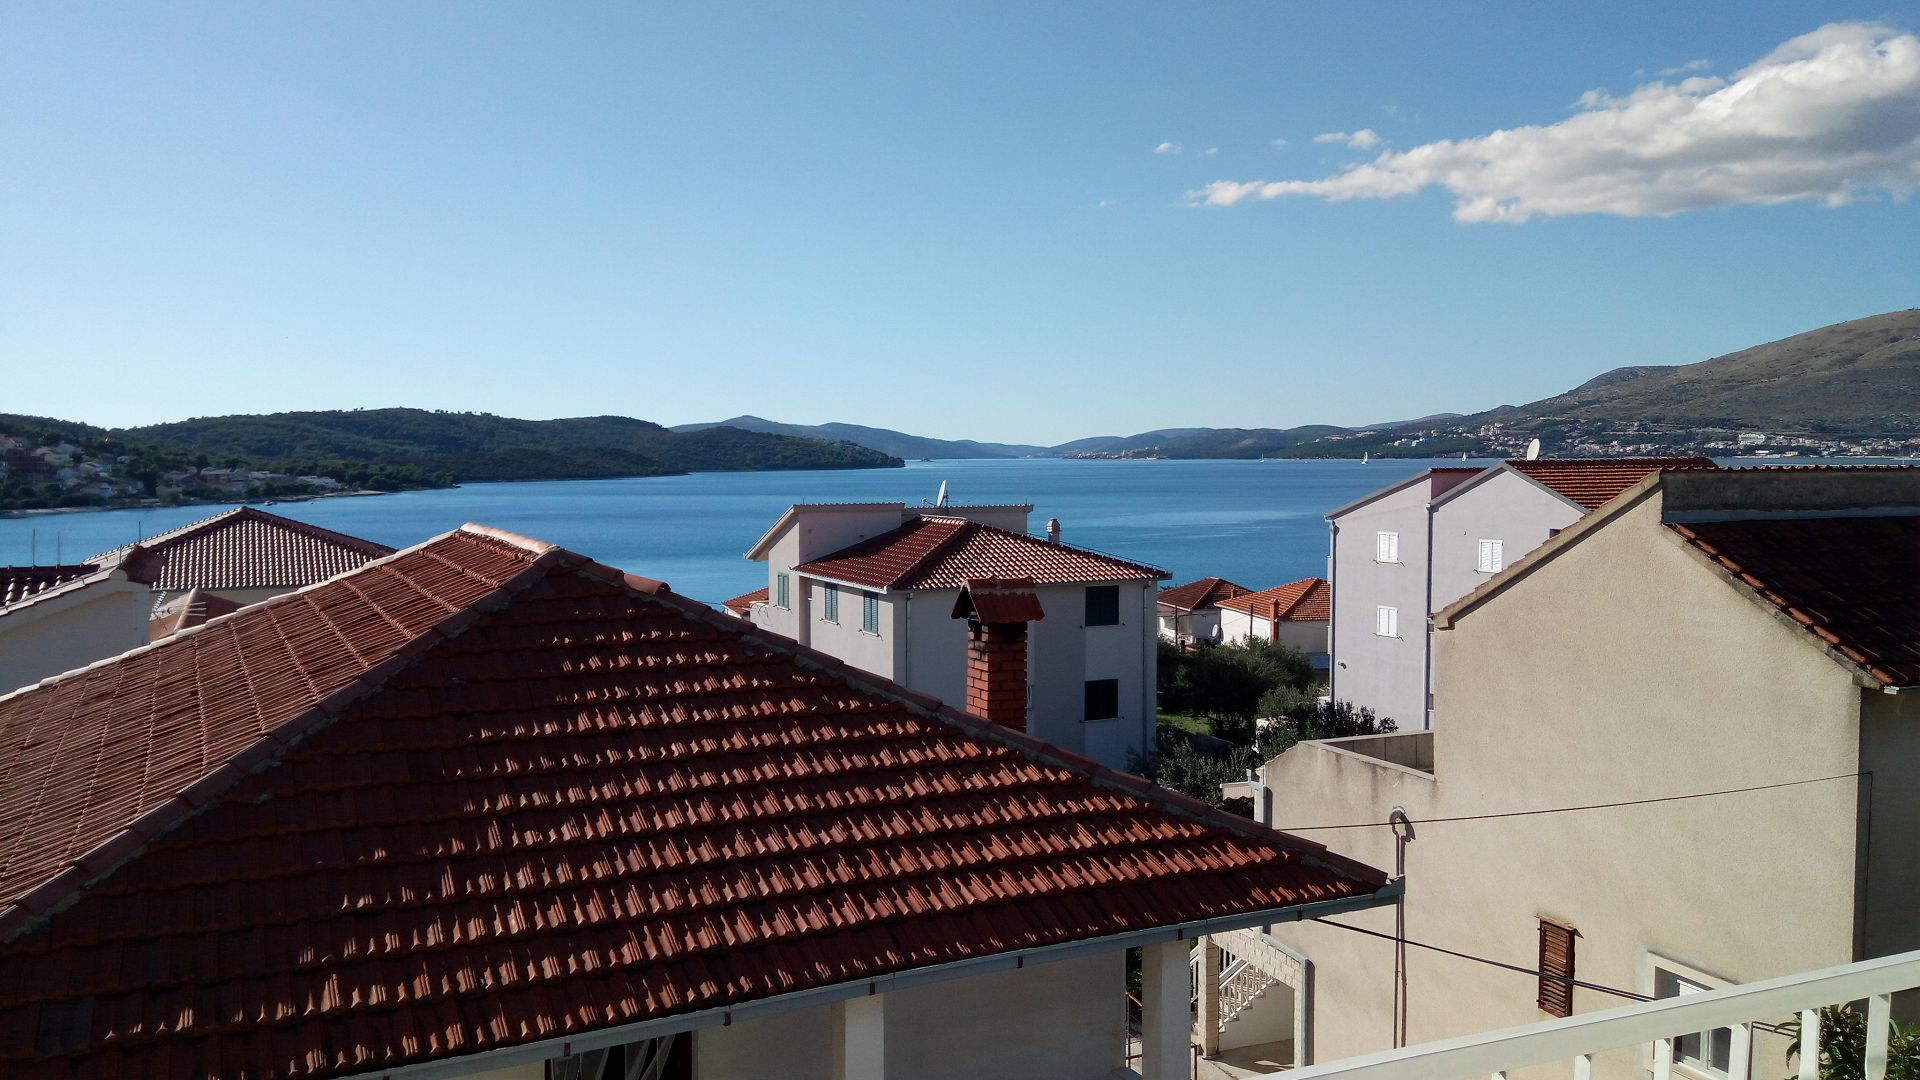 Marijica - Okrug Gornji - Ferienwohnungen Kroatien - A2(6): Aussicht